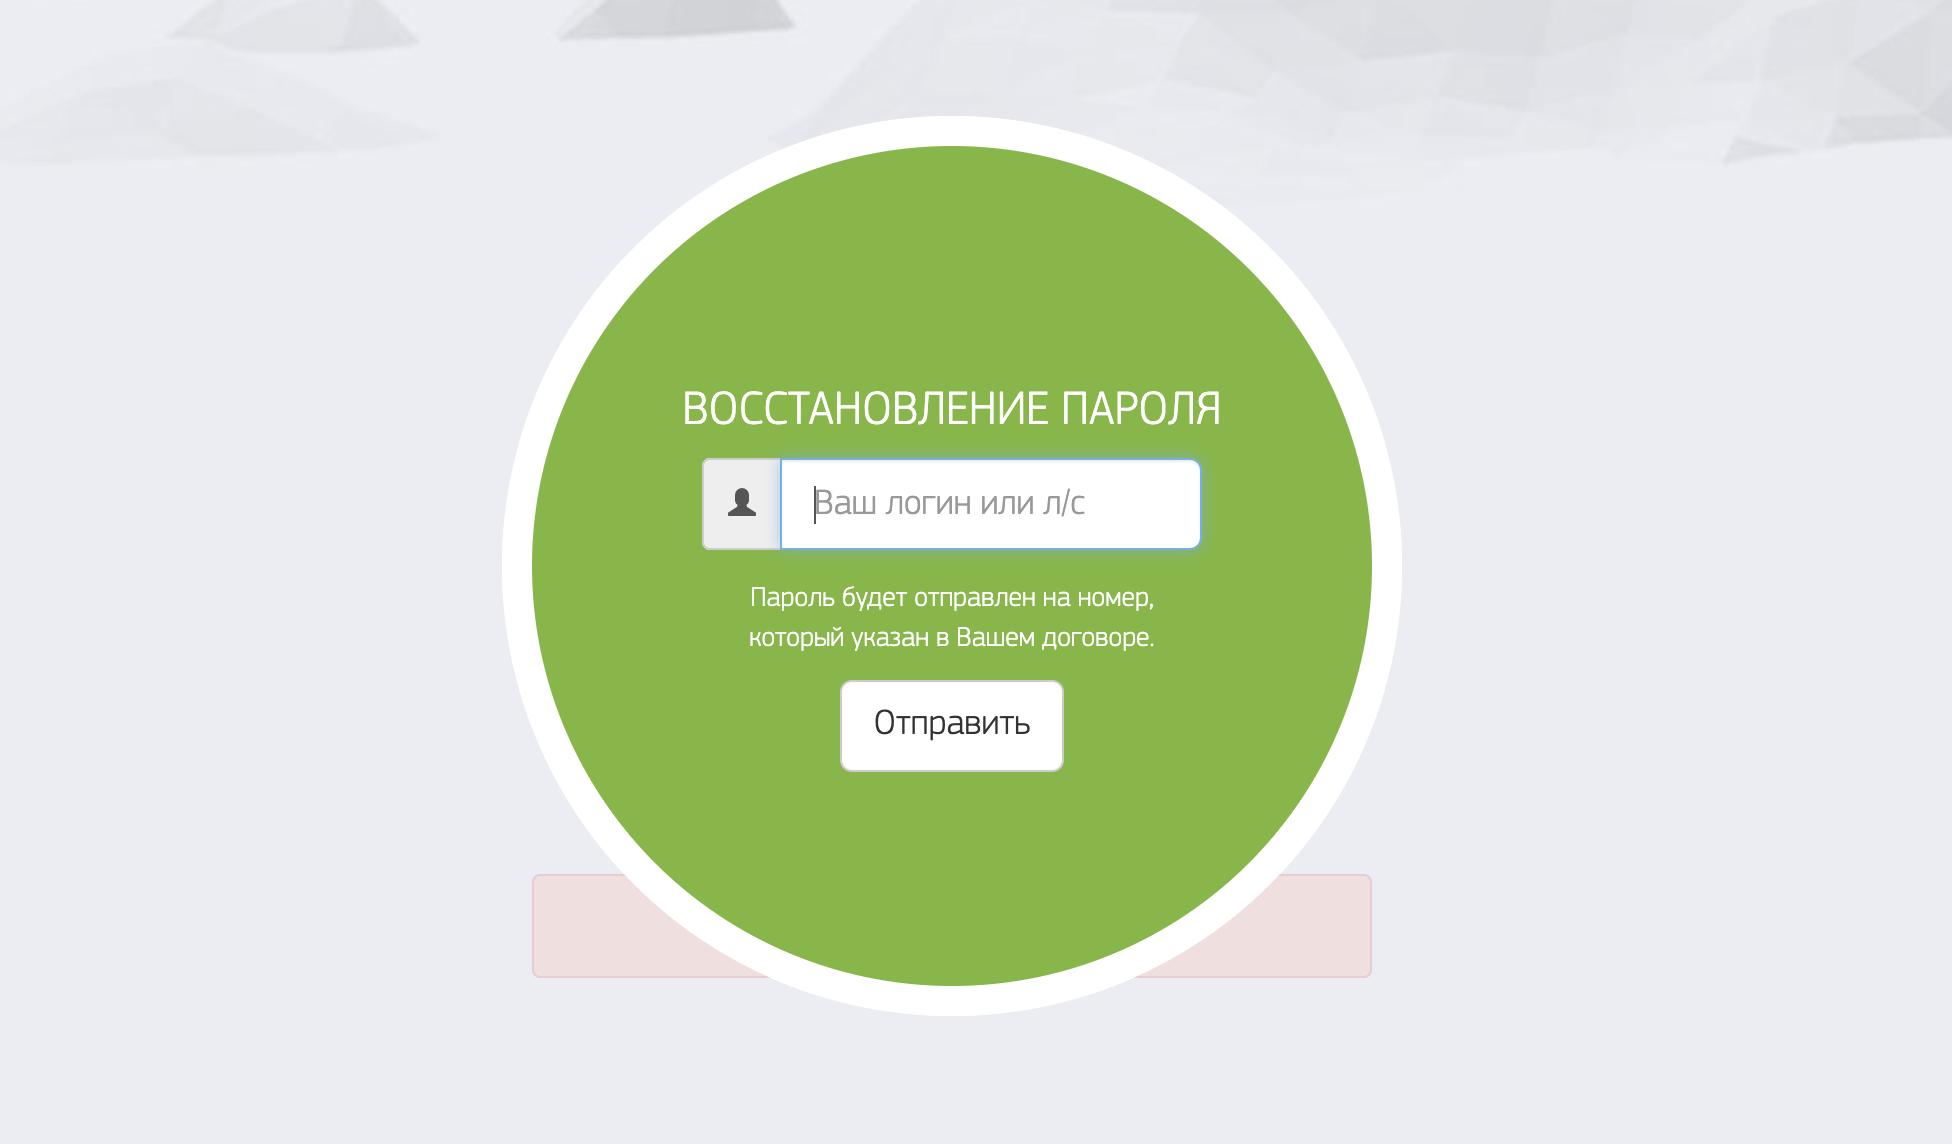 lk.stavropol.zelenaya.net-lost.png